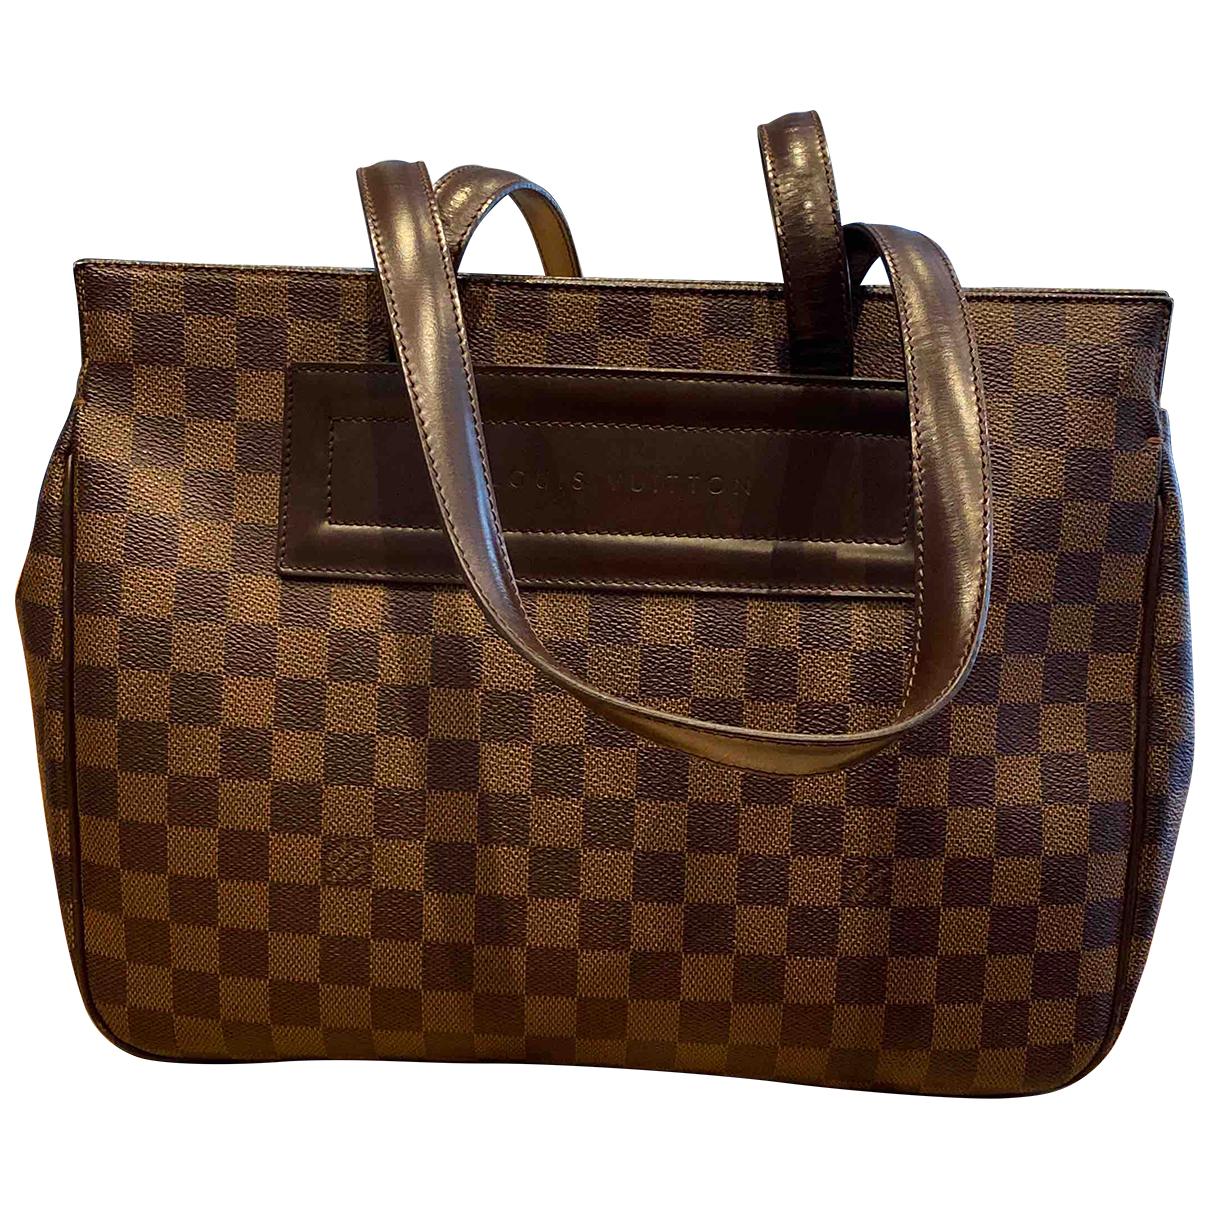 Louis Vuitton - Sac a main Parioli pour femme en toile - marron